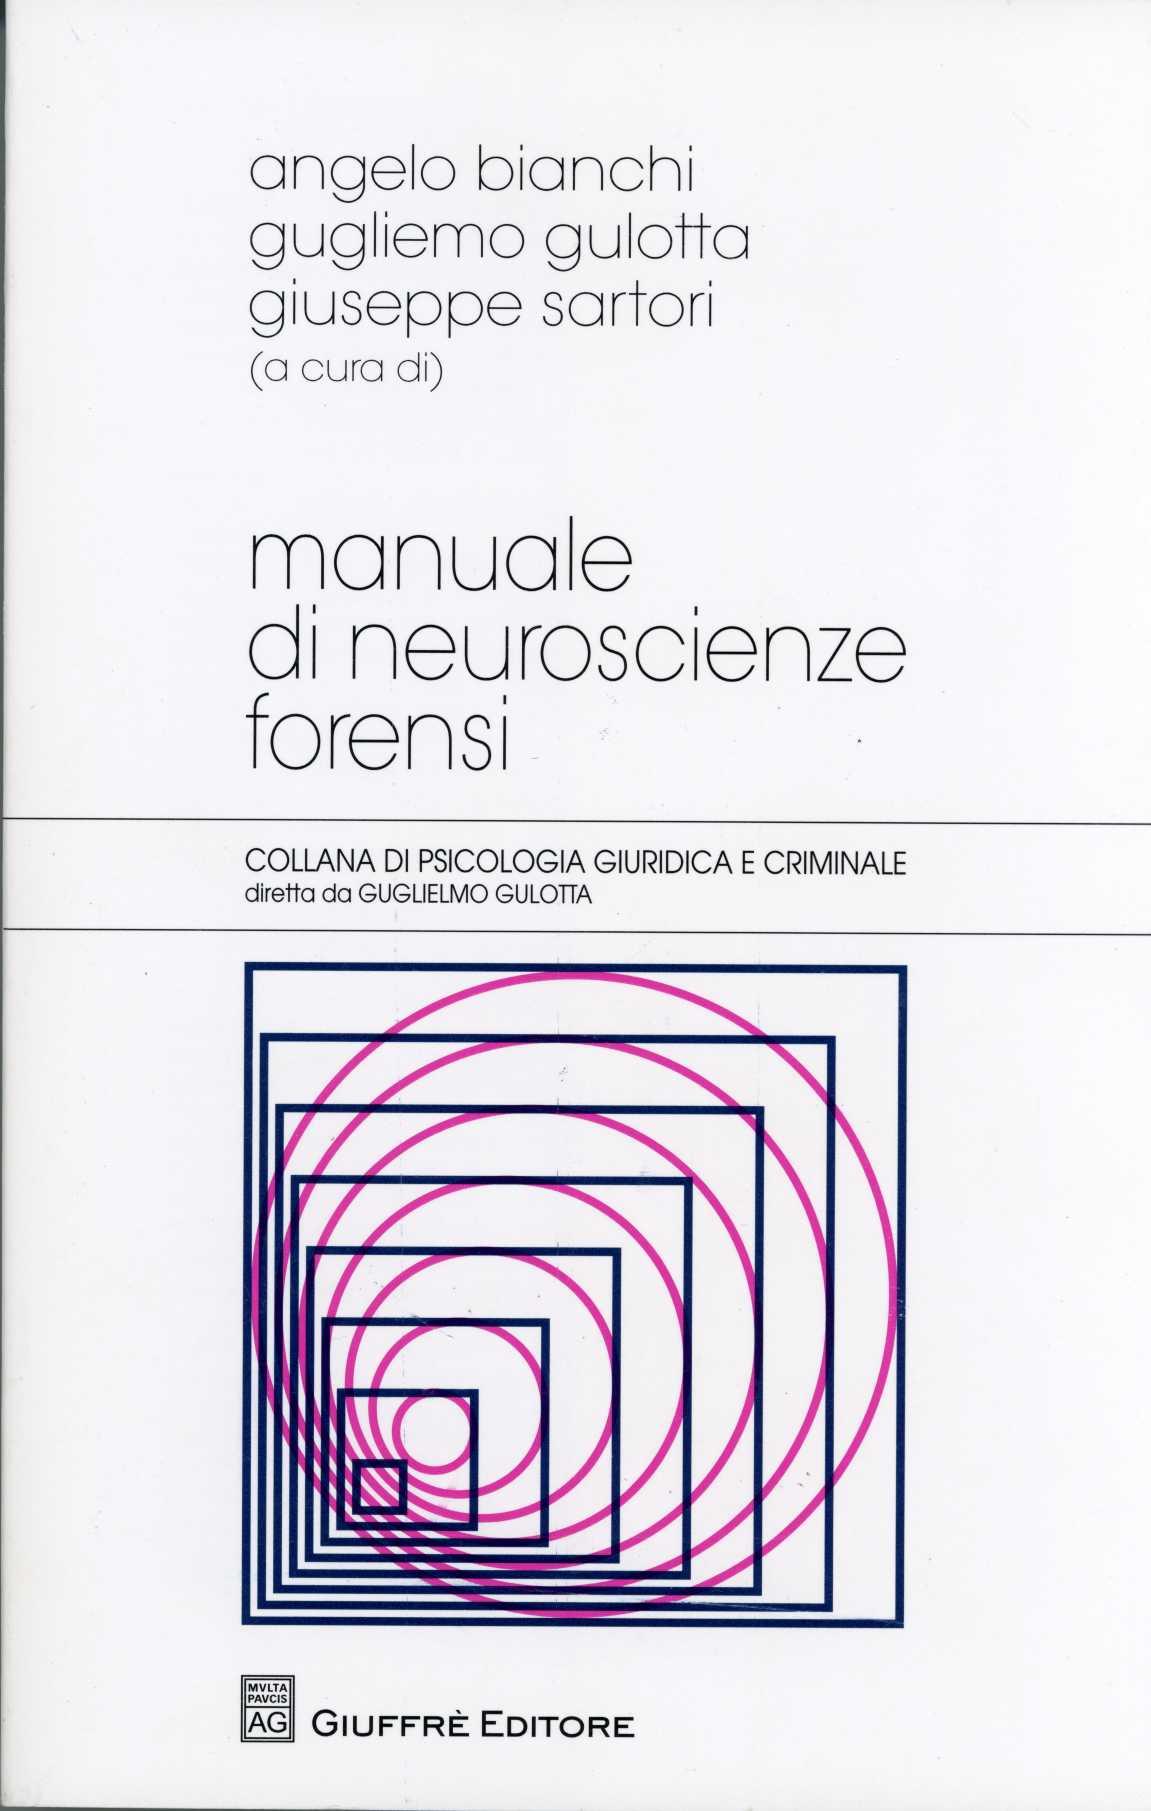 NeuroscienzeForensi001